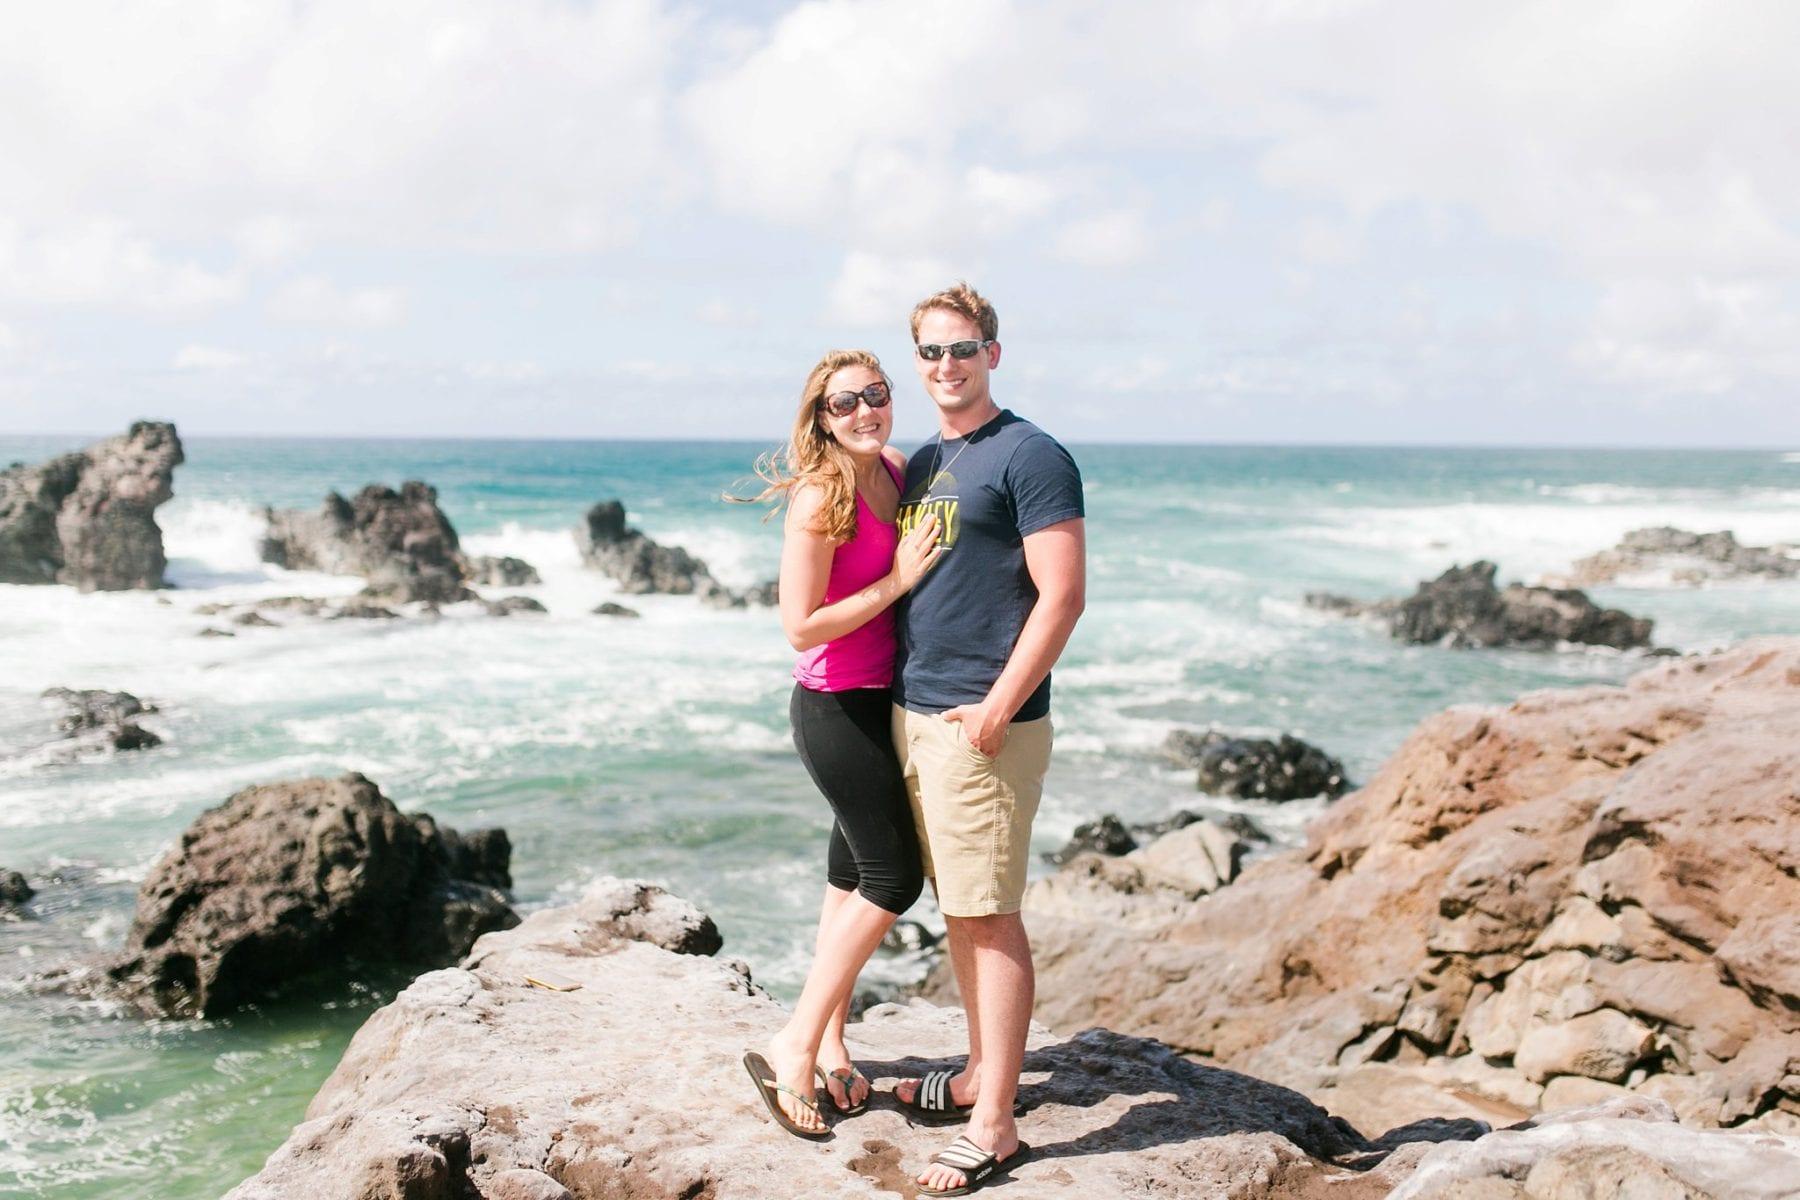 Justin & Megan Hawaiian Honeymoon Maui Oahu Vacation Photos--2.jpg